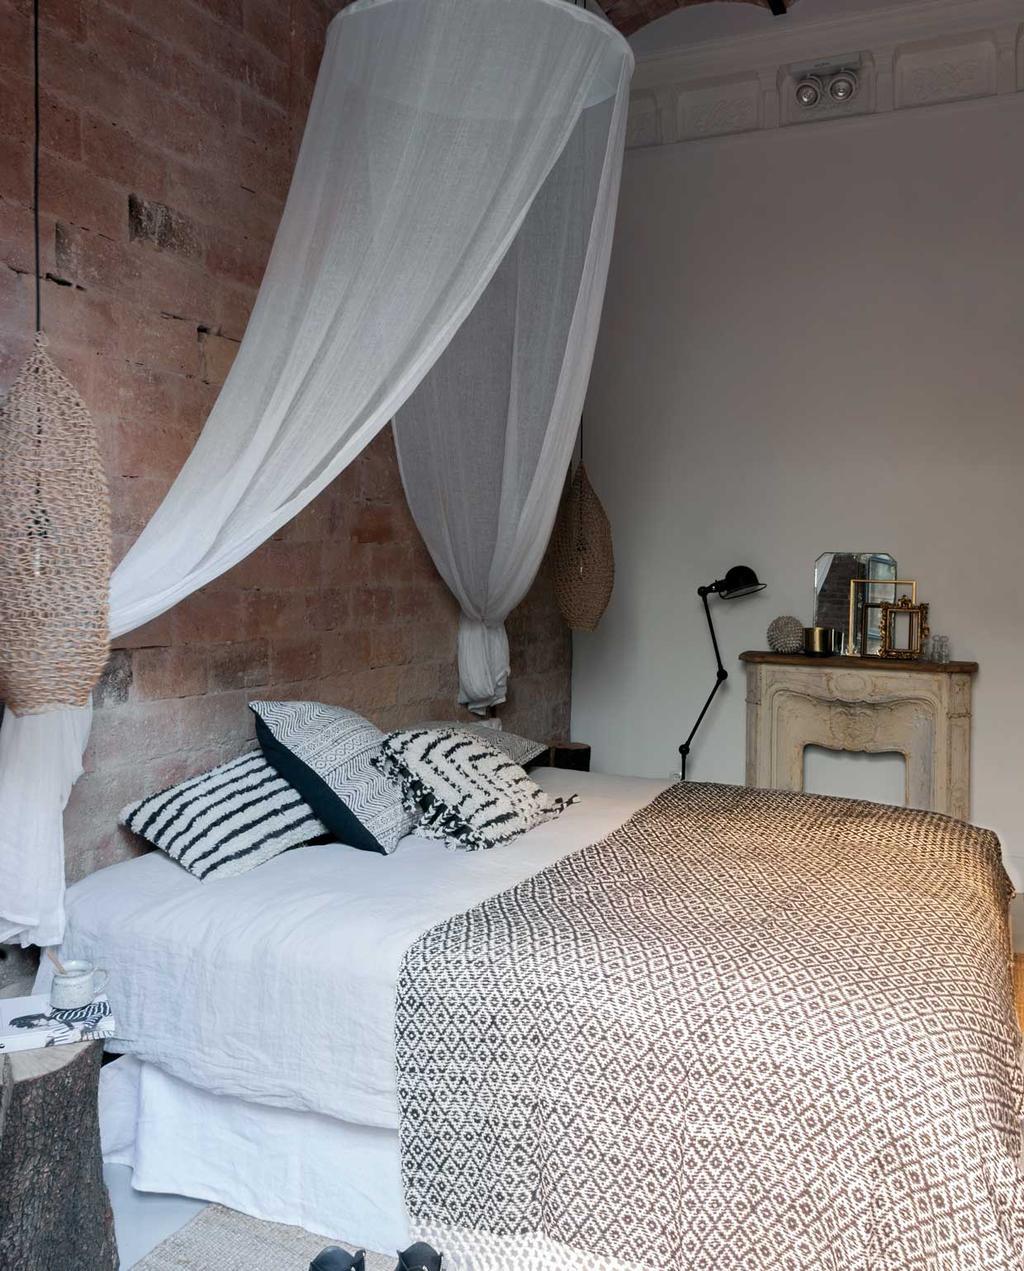 vtwonen 09 | Binnenkijker | slaapkamer met witte klamboe